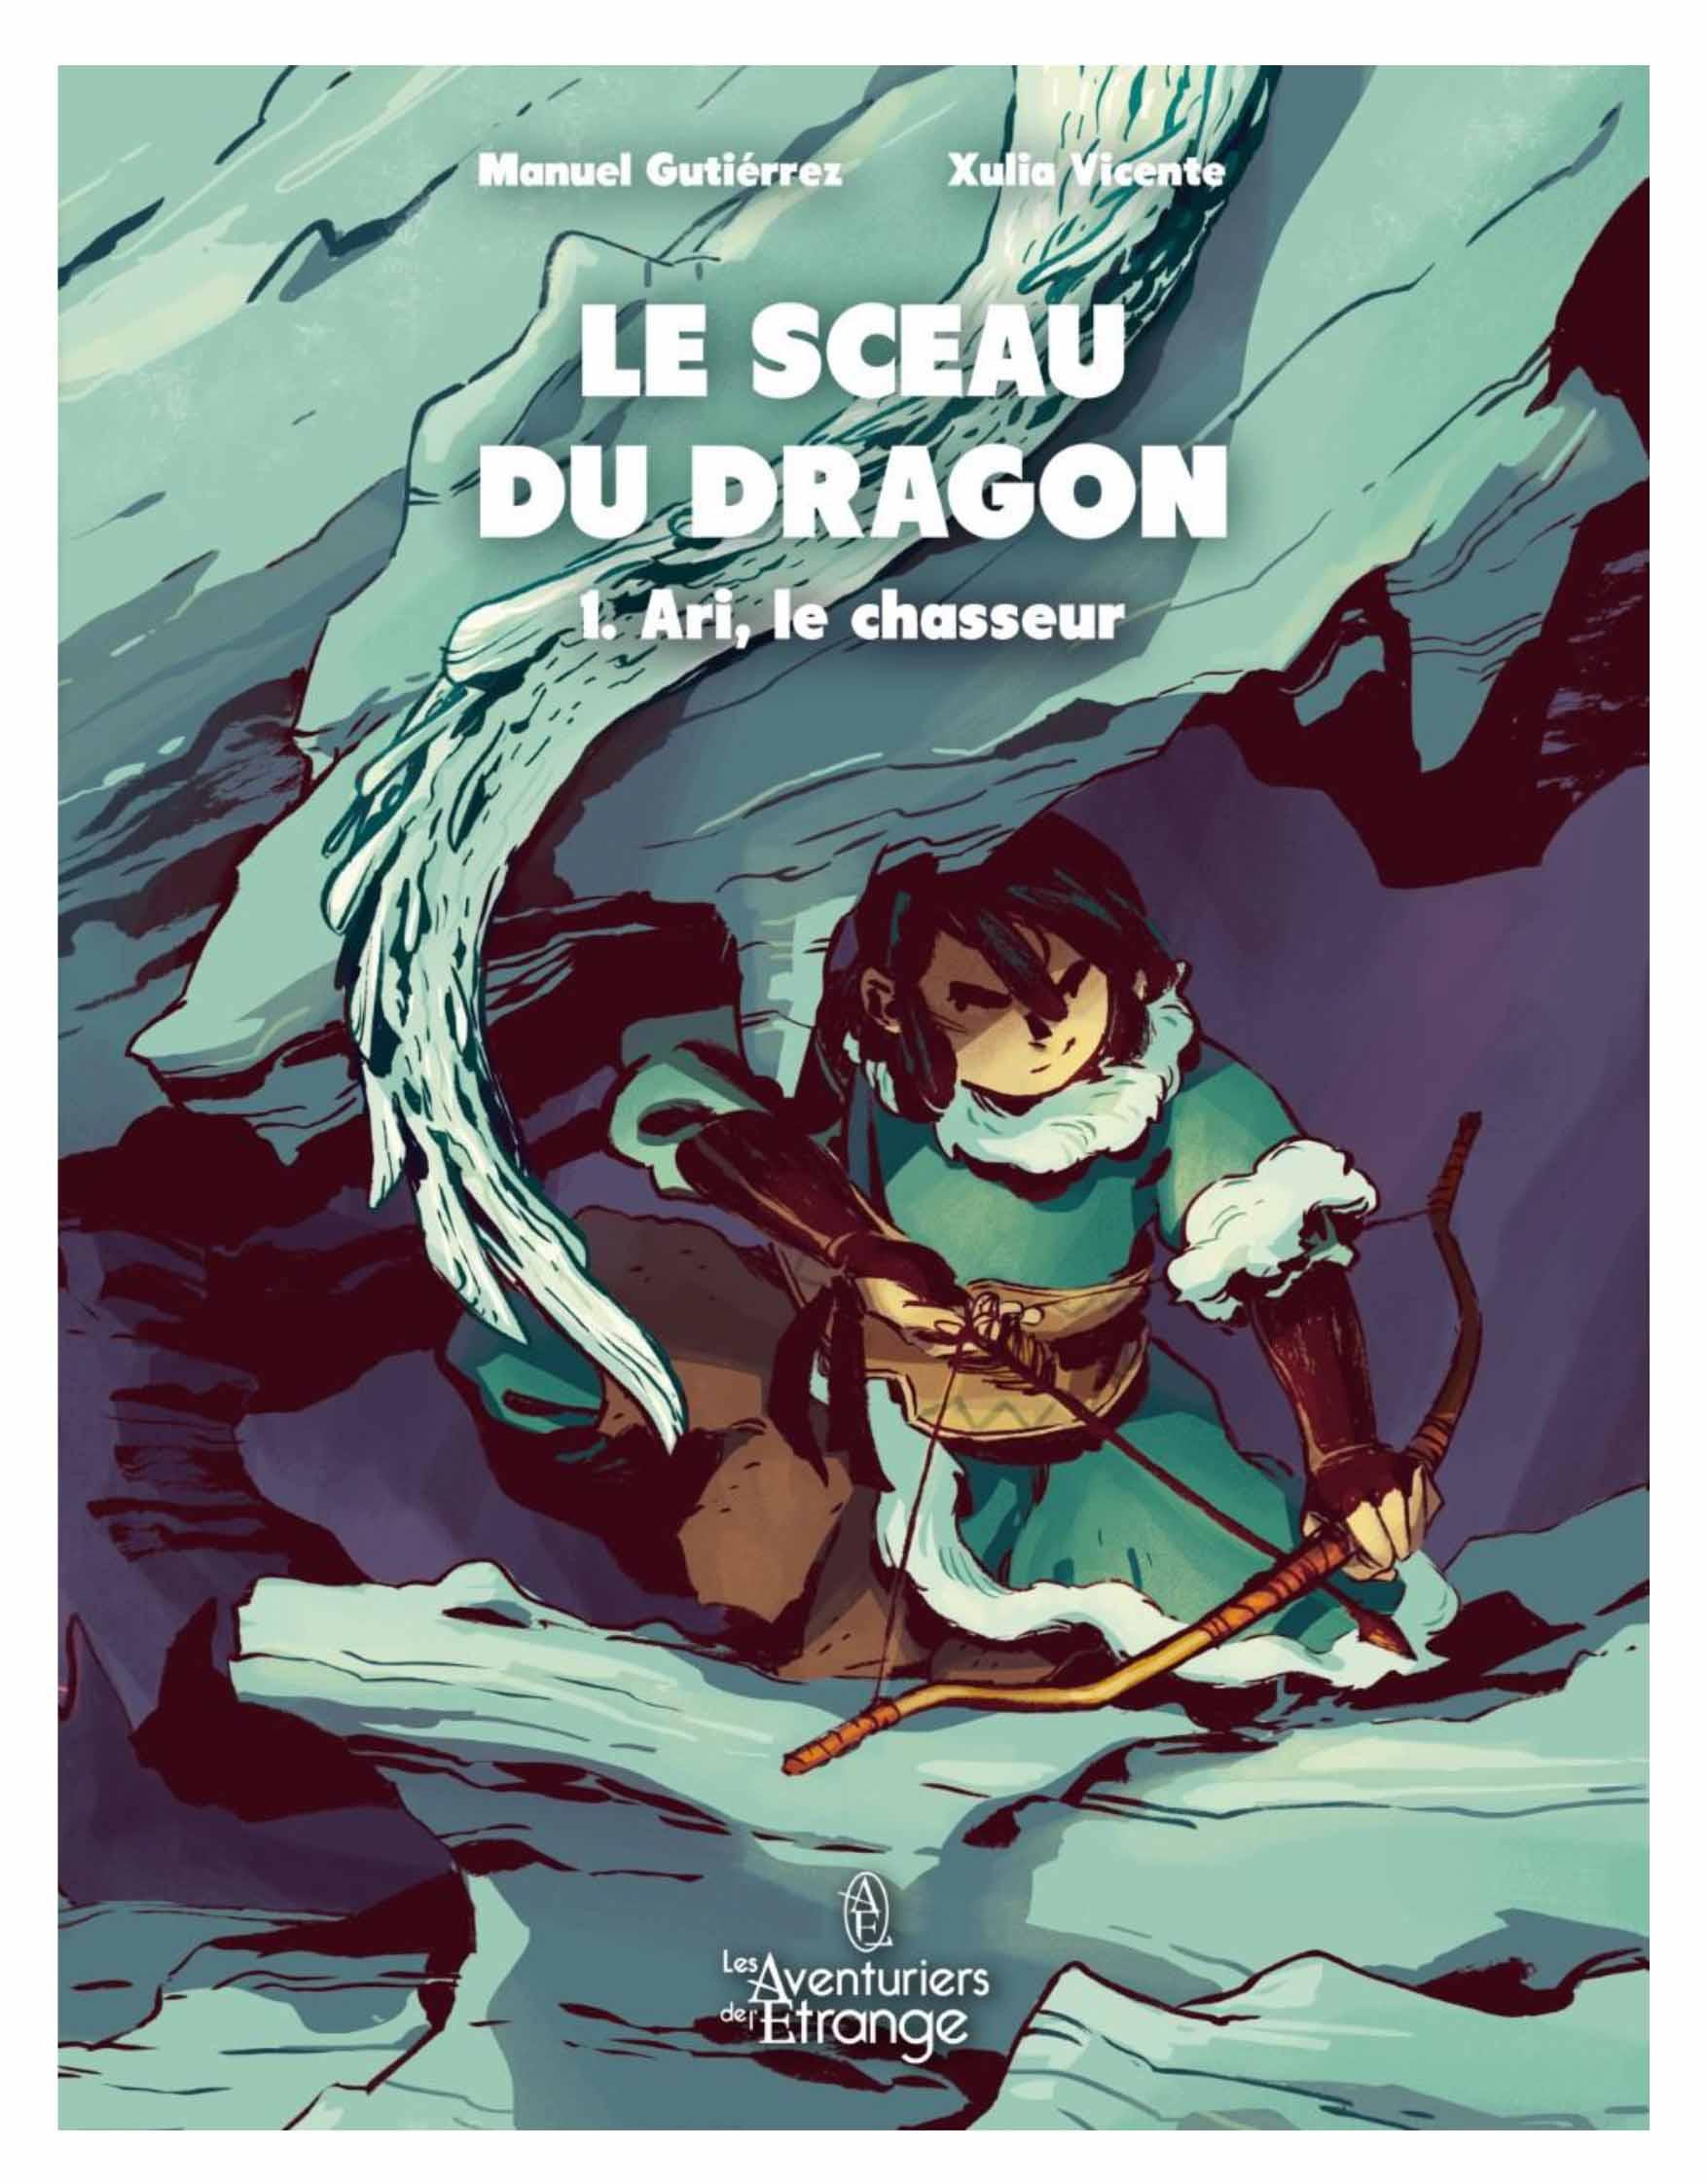 Le Sceau du dragon, Ari le mystérieux